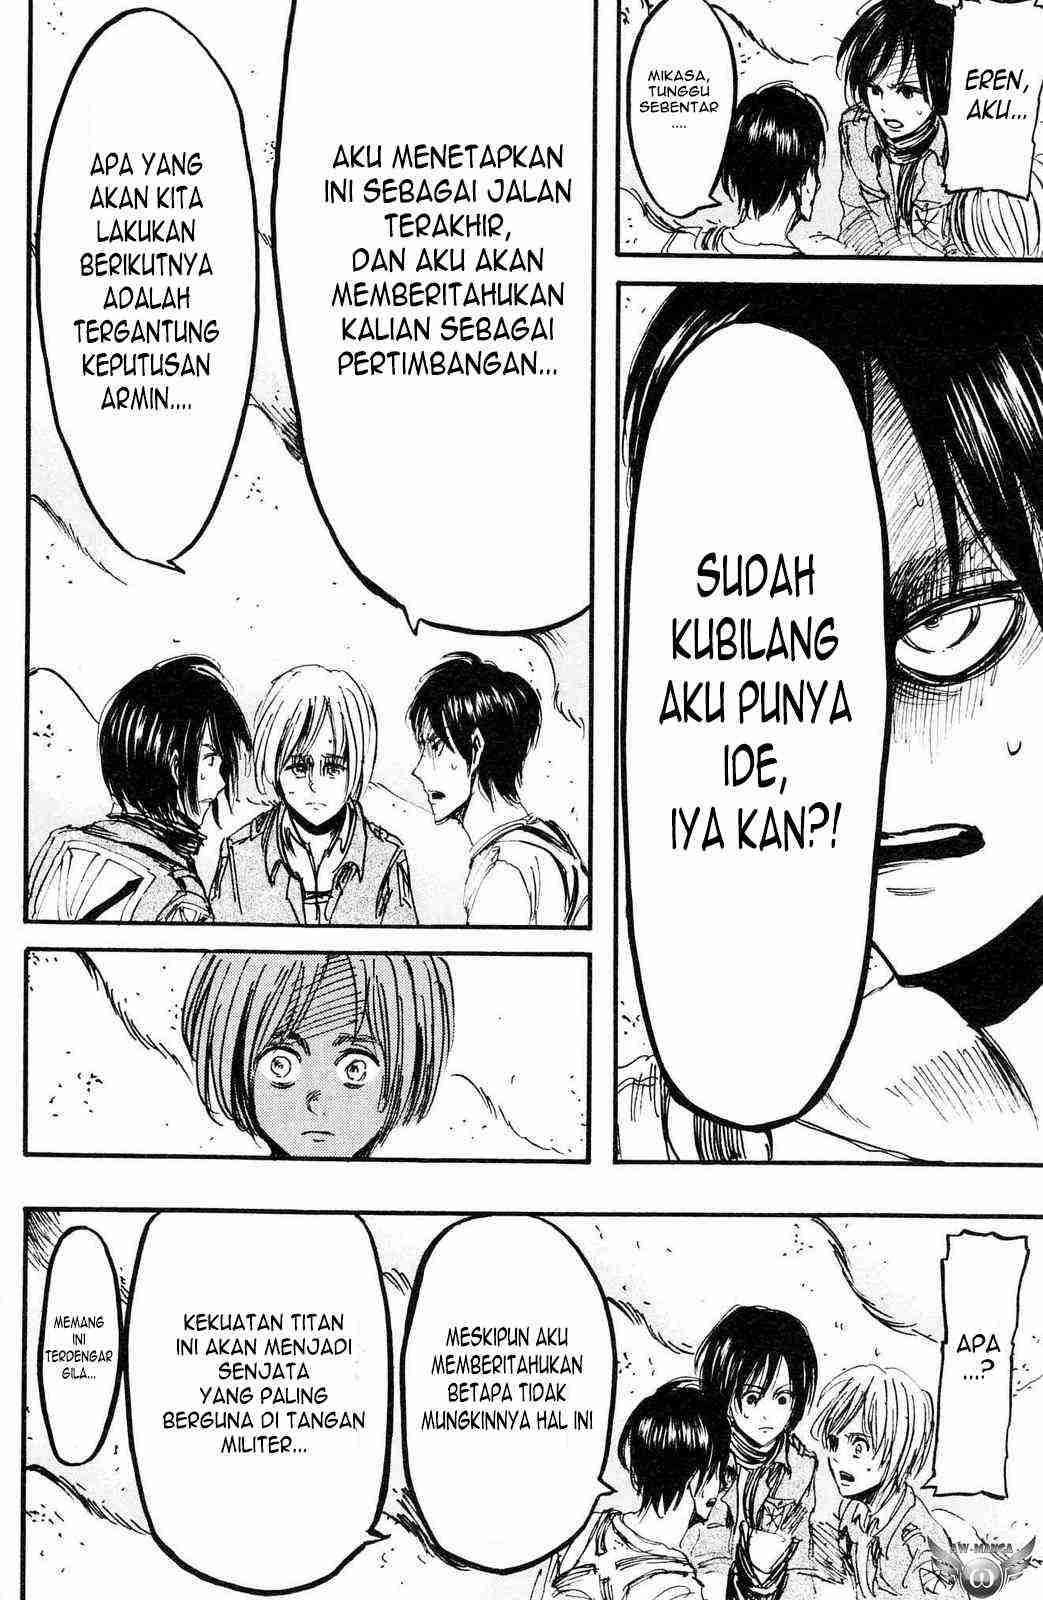 Komik shingeki no kyojin 011 12 Indonesia shingeki no kyojin 011 Terbaru 28|Baca Manga Komik Indonesia|